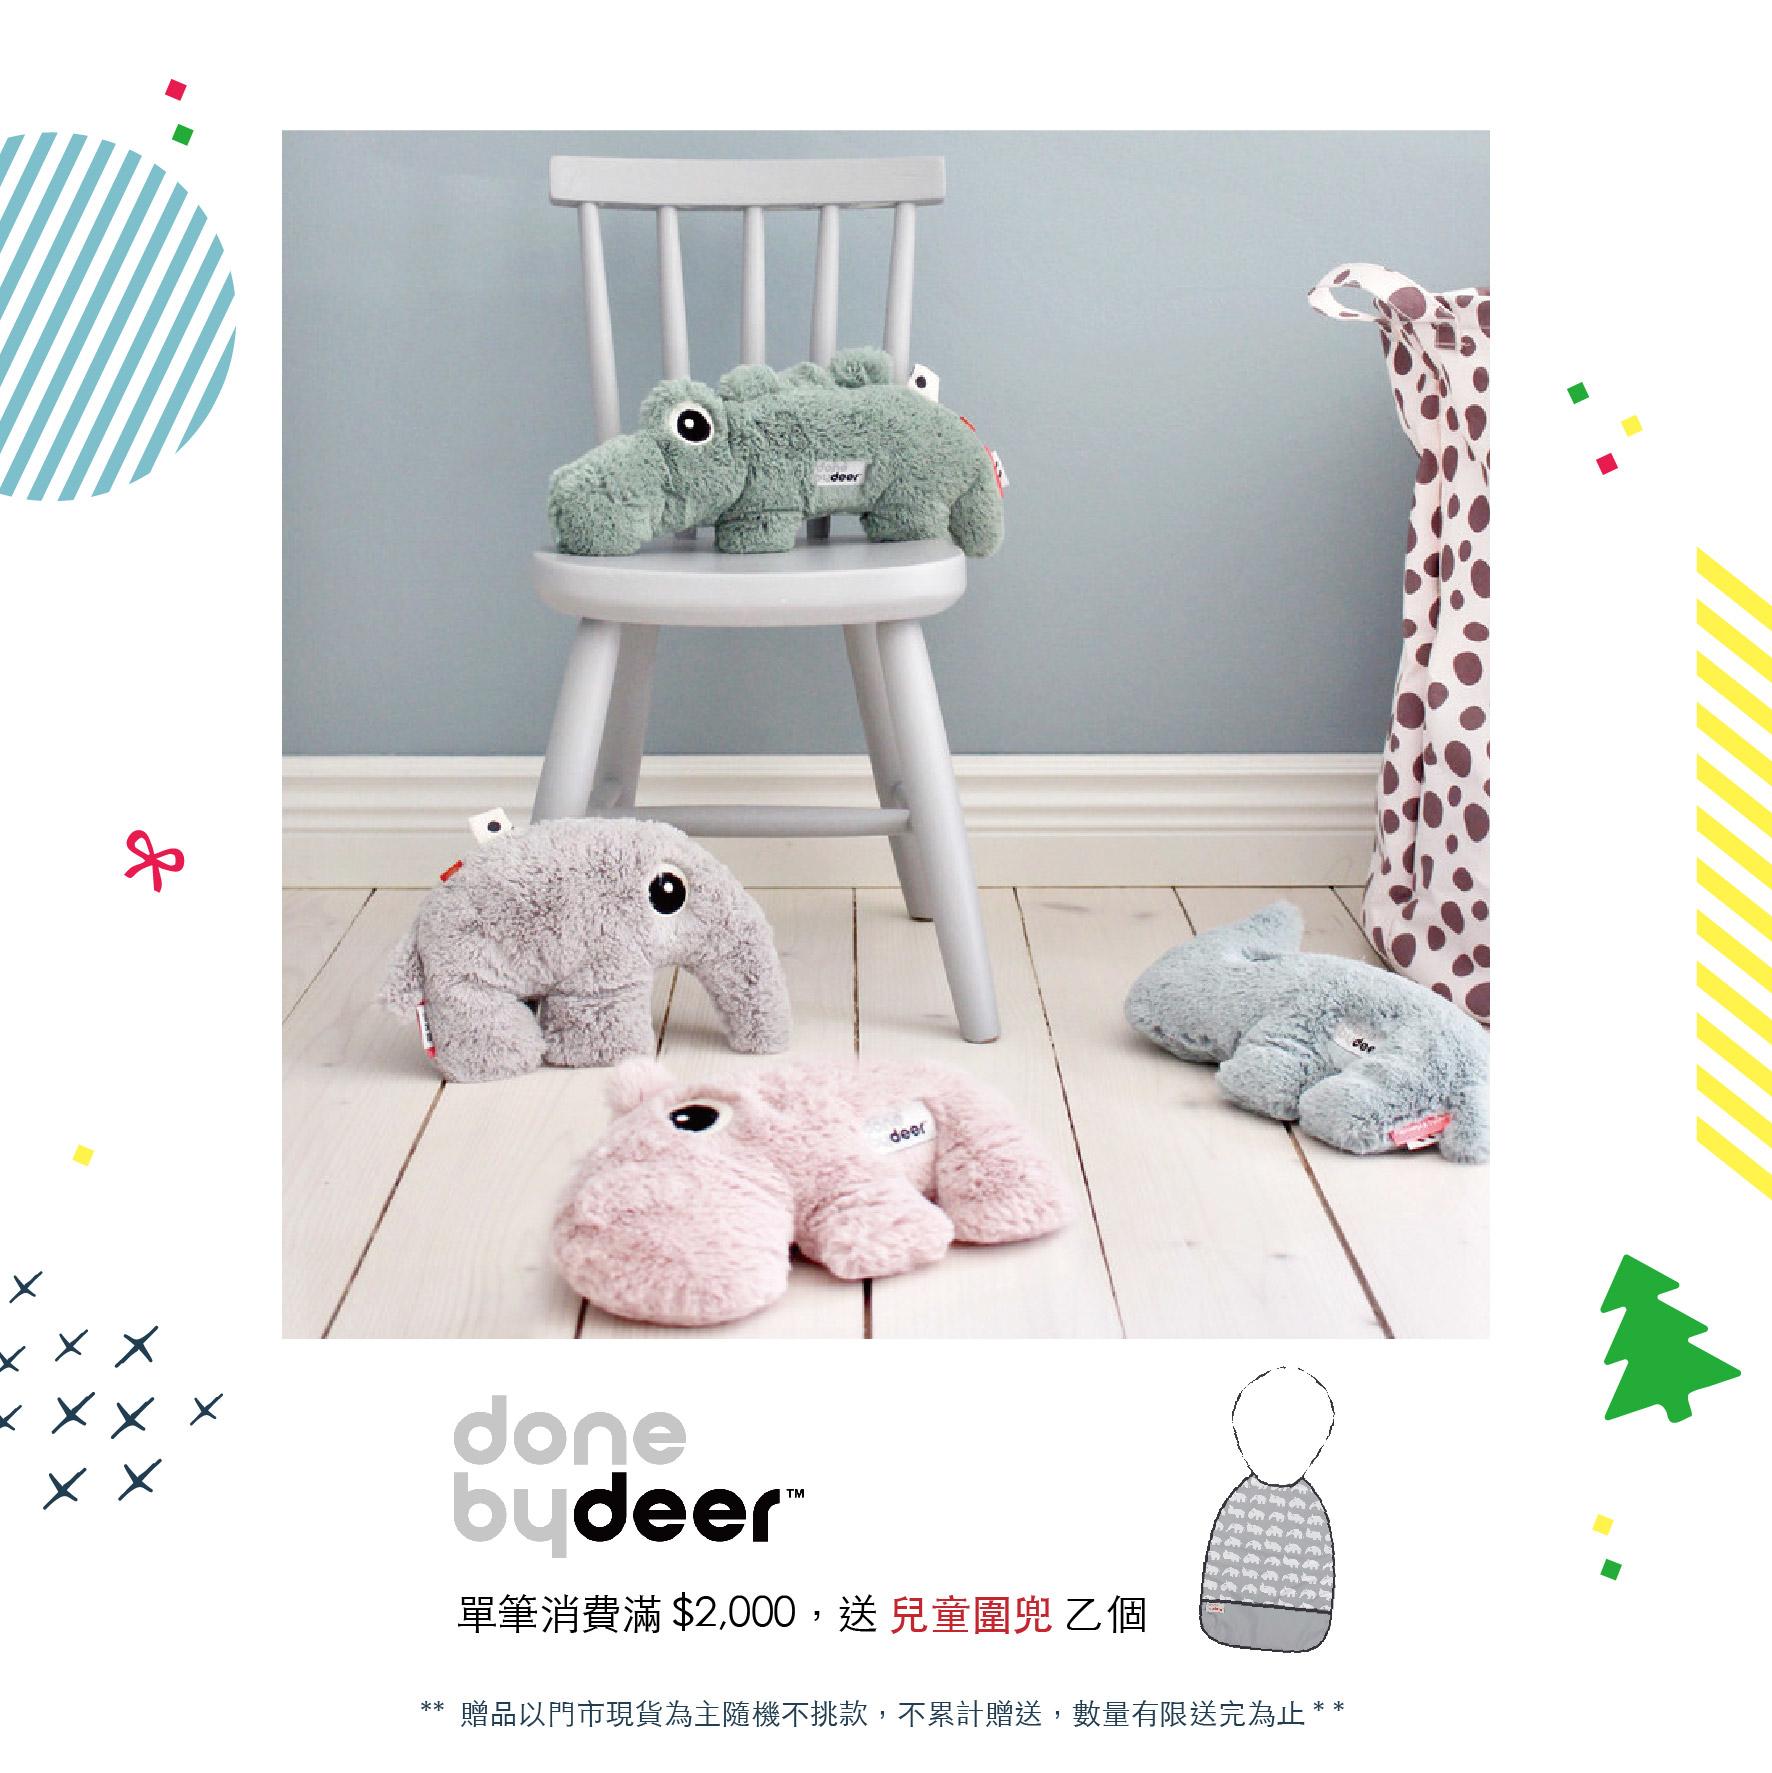 done by deer・單筆滿$2000送兒童圍兜乙個 (隨機不挑款/不累贈/送完為止)